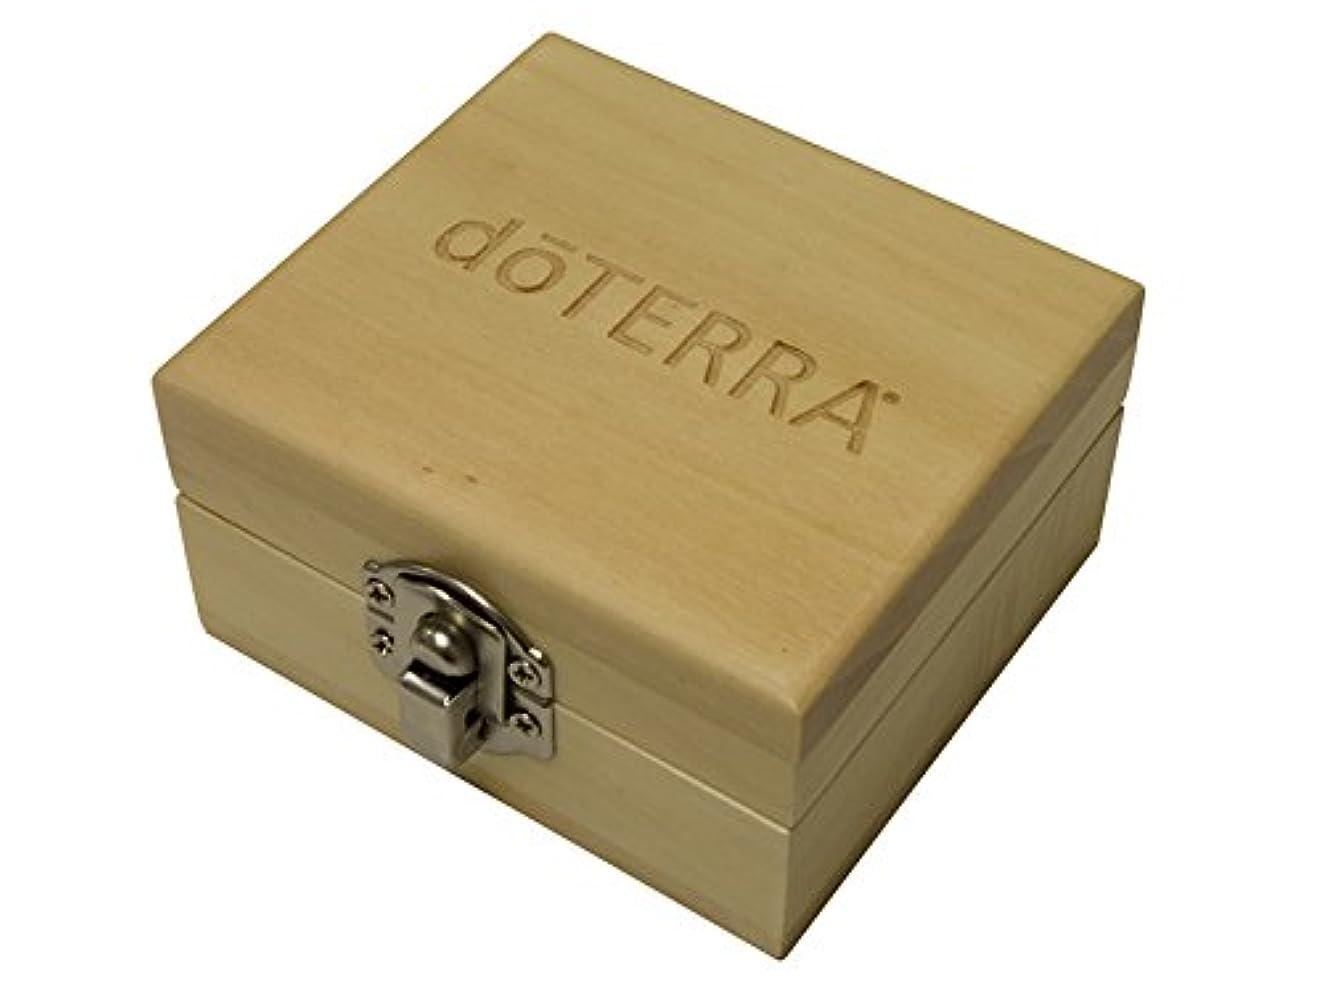 入場料屋内見通し(ドテラ) doTERRA ウッドボックス ライトブラウン ミニサイズ 木箱 エッセンシャルオイル 精油 整理箱